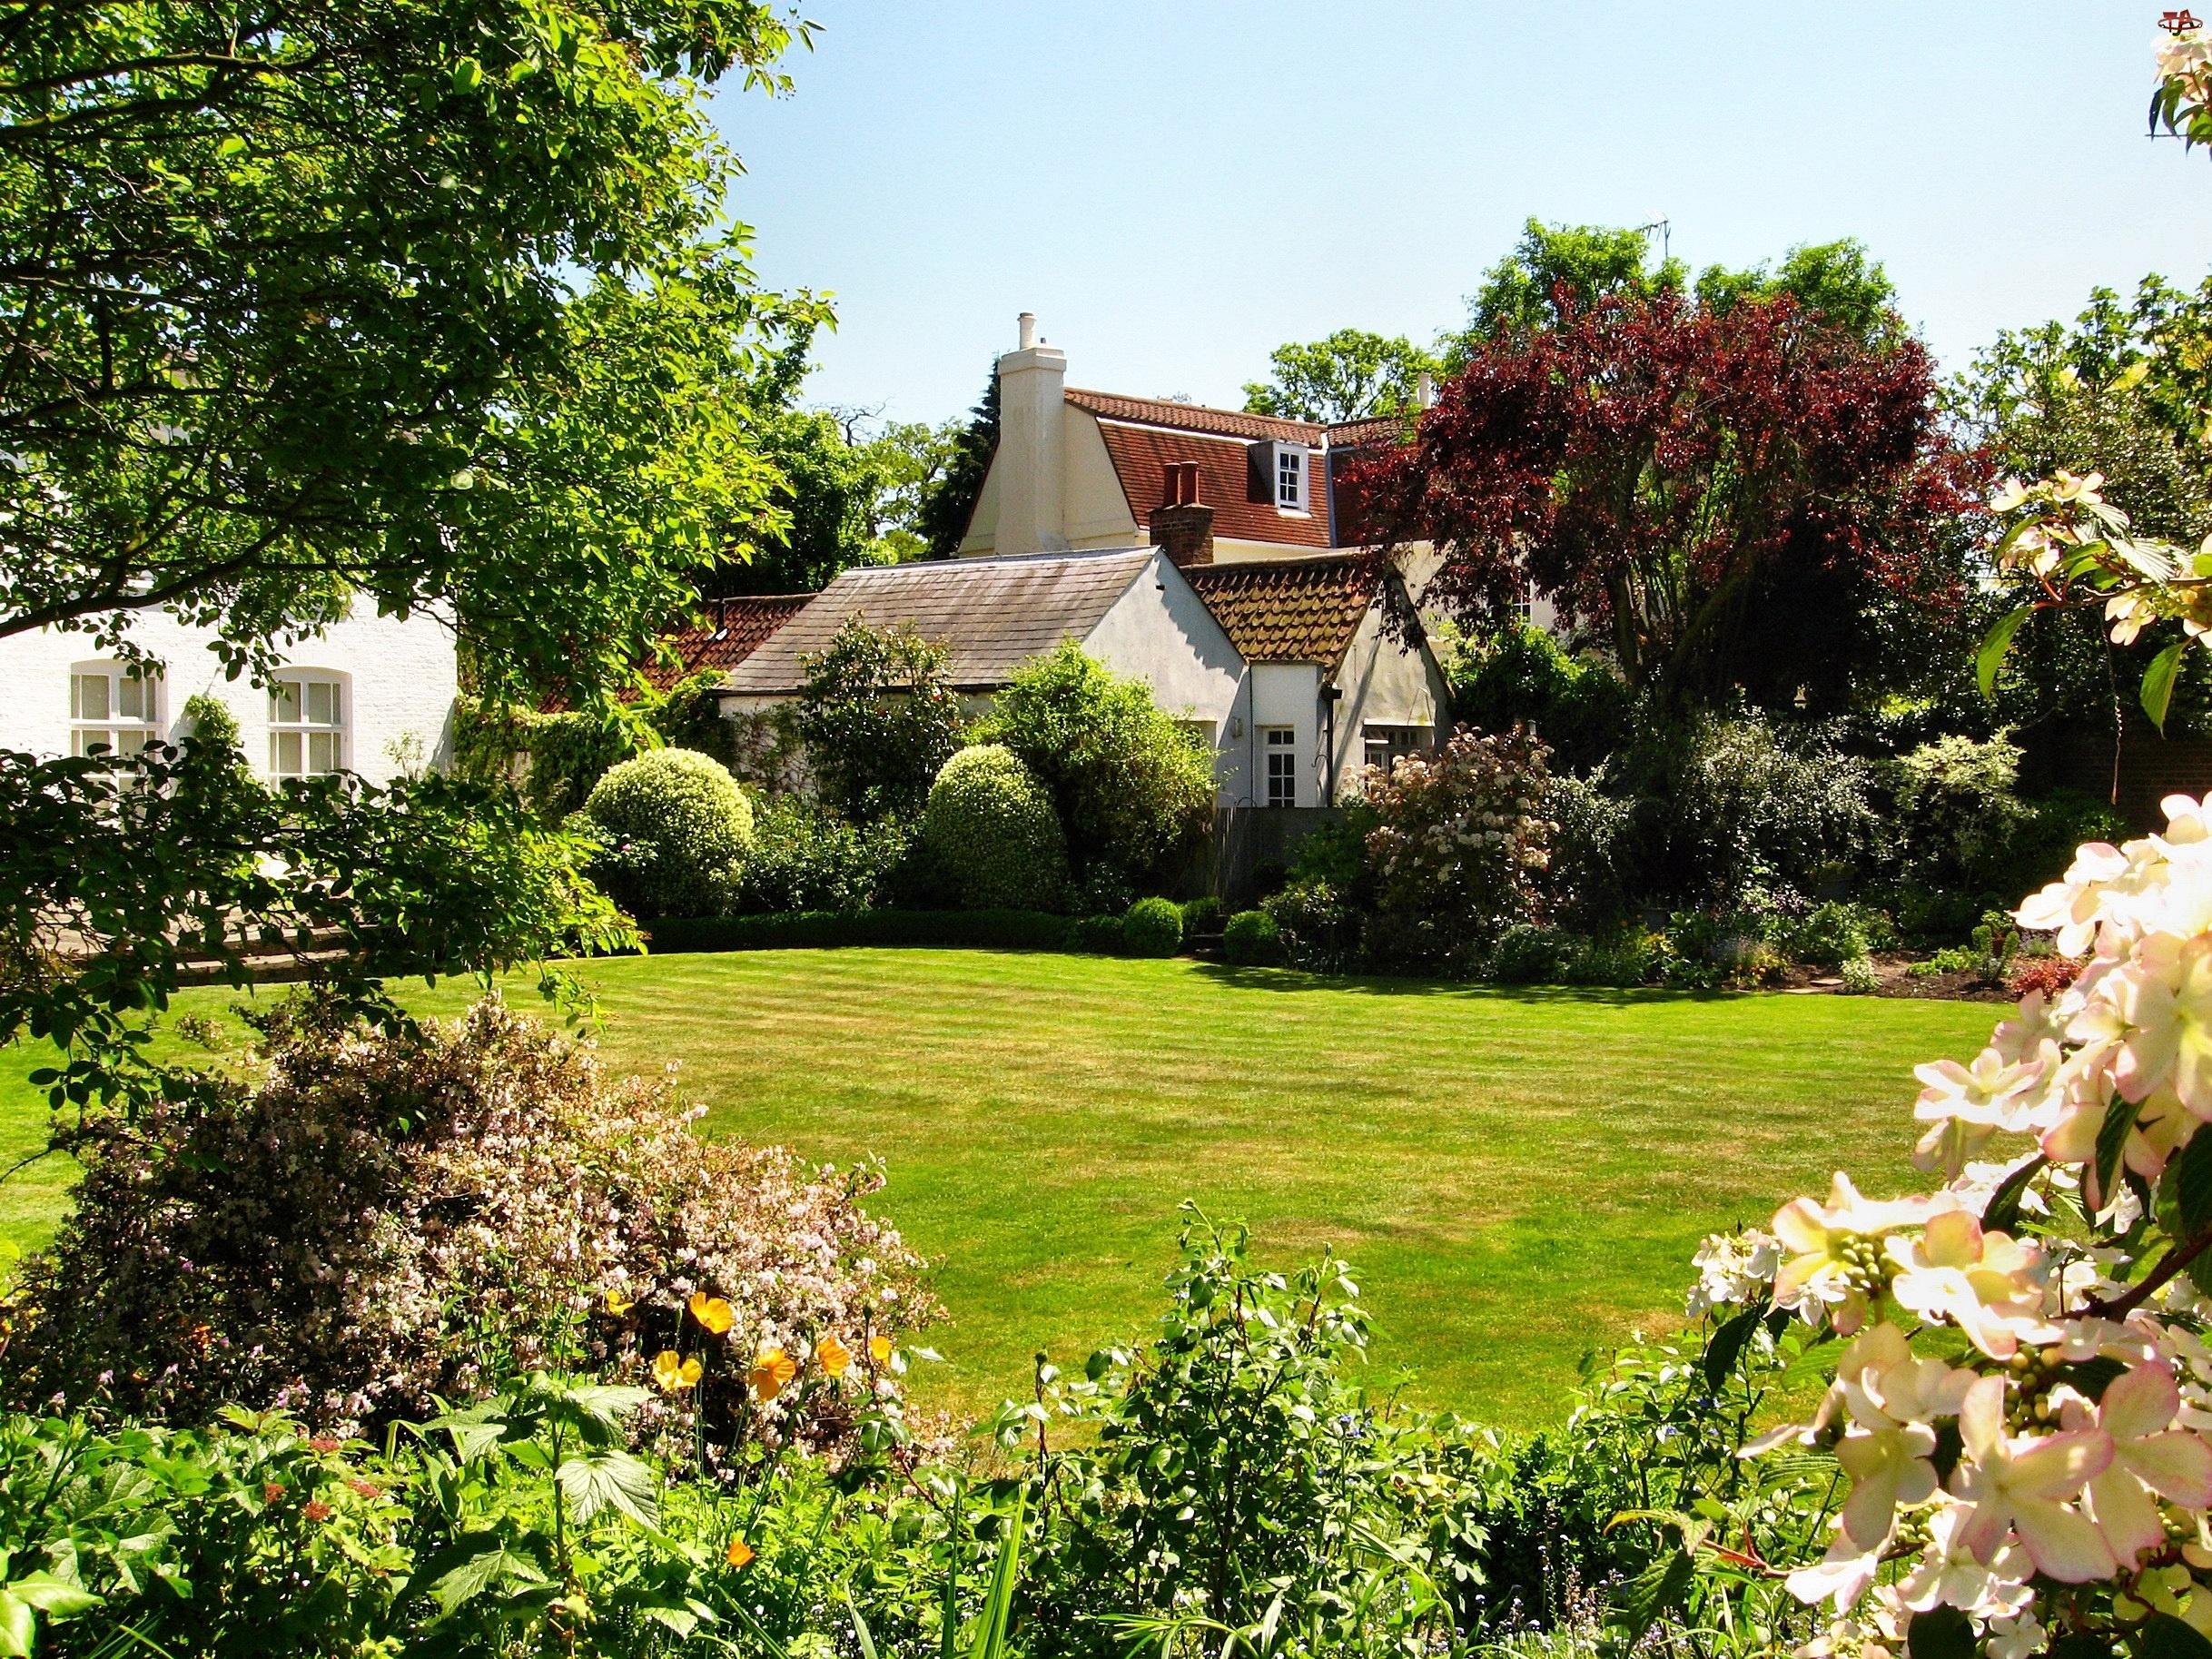 Anglia, Domy, Krzewy, Ogród, Kwiaty